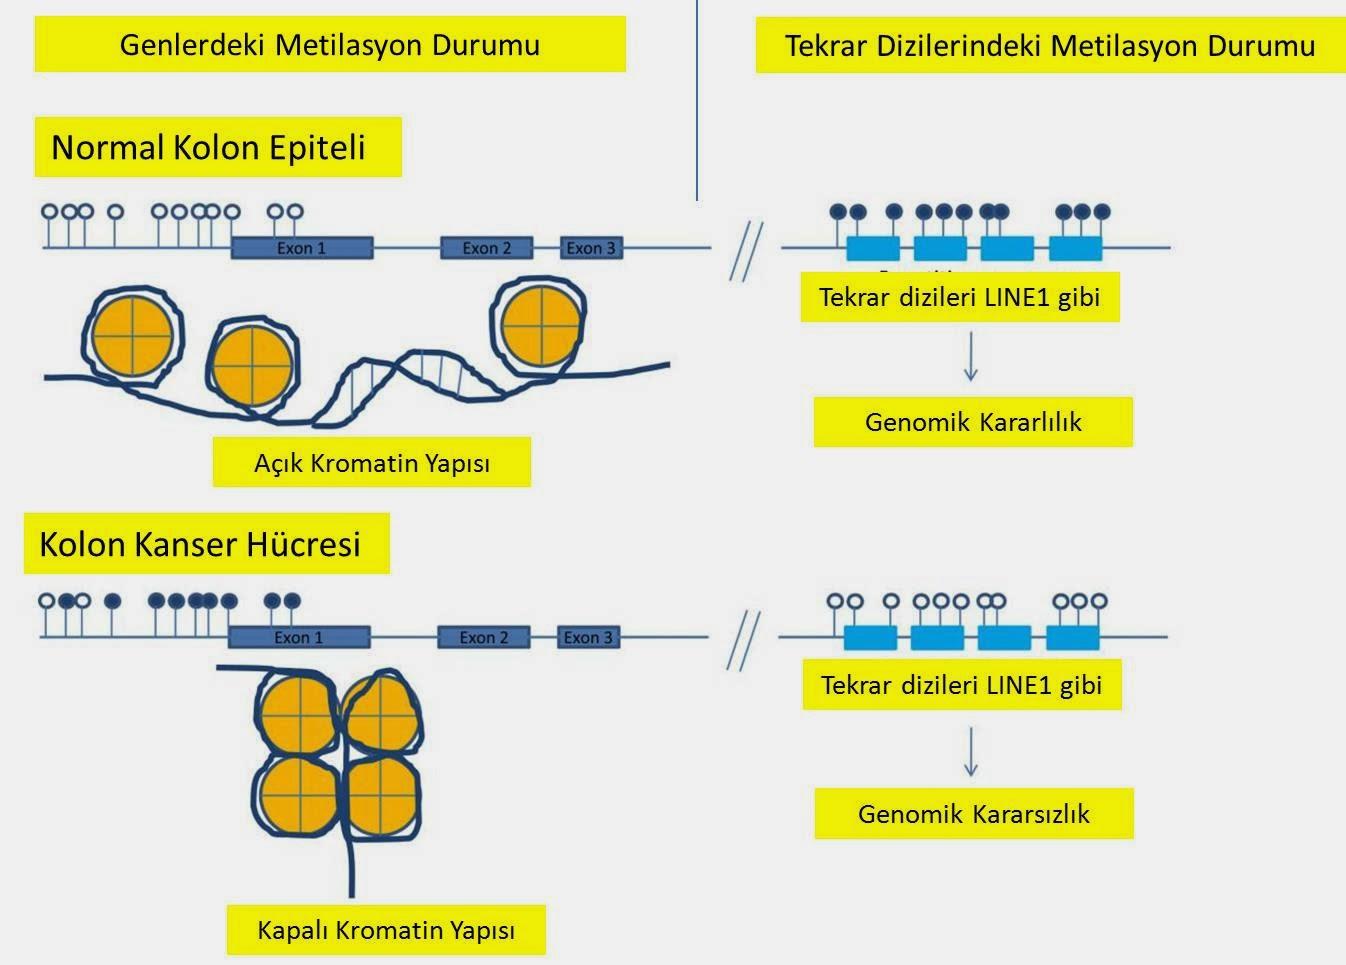 normal ve kanser hücresinde metilasyon durumunun karşılaştırması